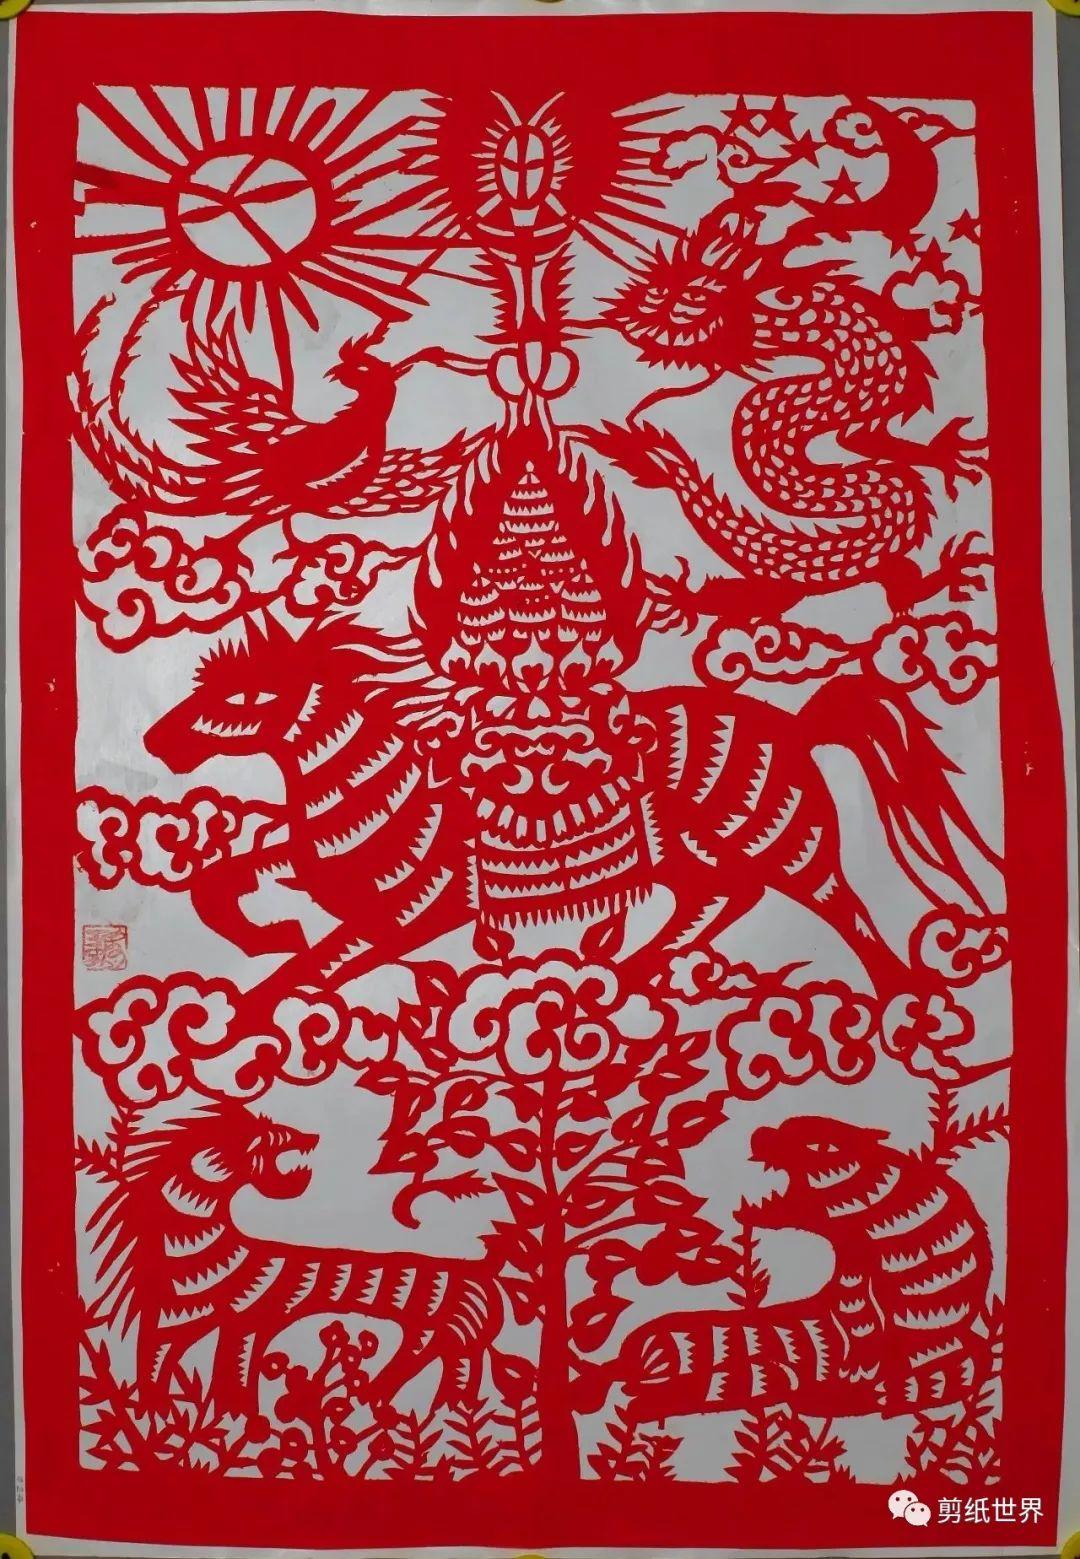 一组蒙古族风格剪纸,草原气息扑面而来,欣赏一下! 第10张 一组蒙古族风格剪纸,草原气息扑面而来,欣赏一下! 蒙古画廊